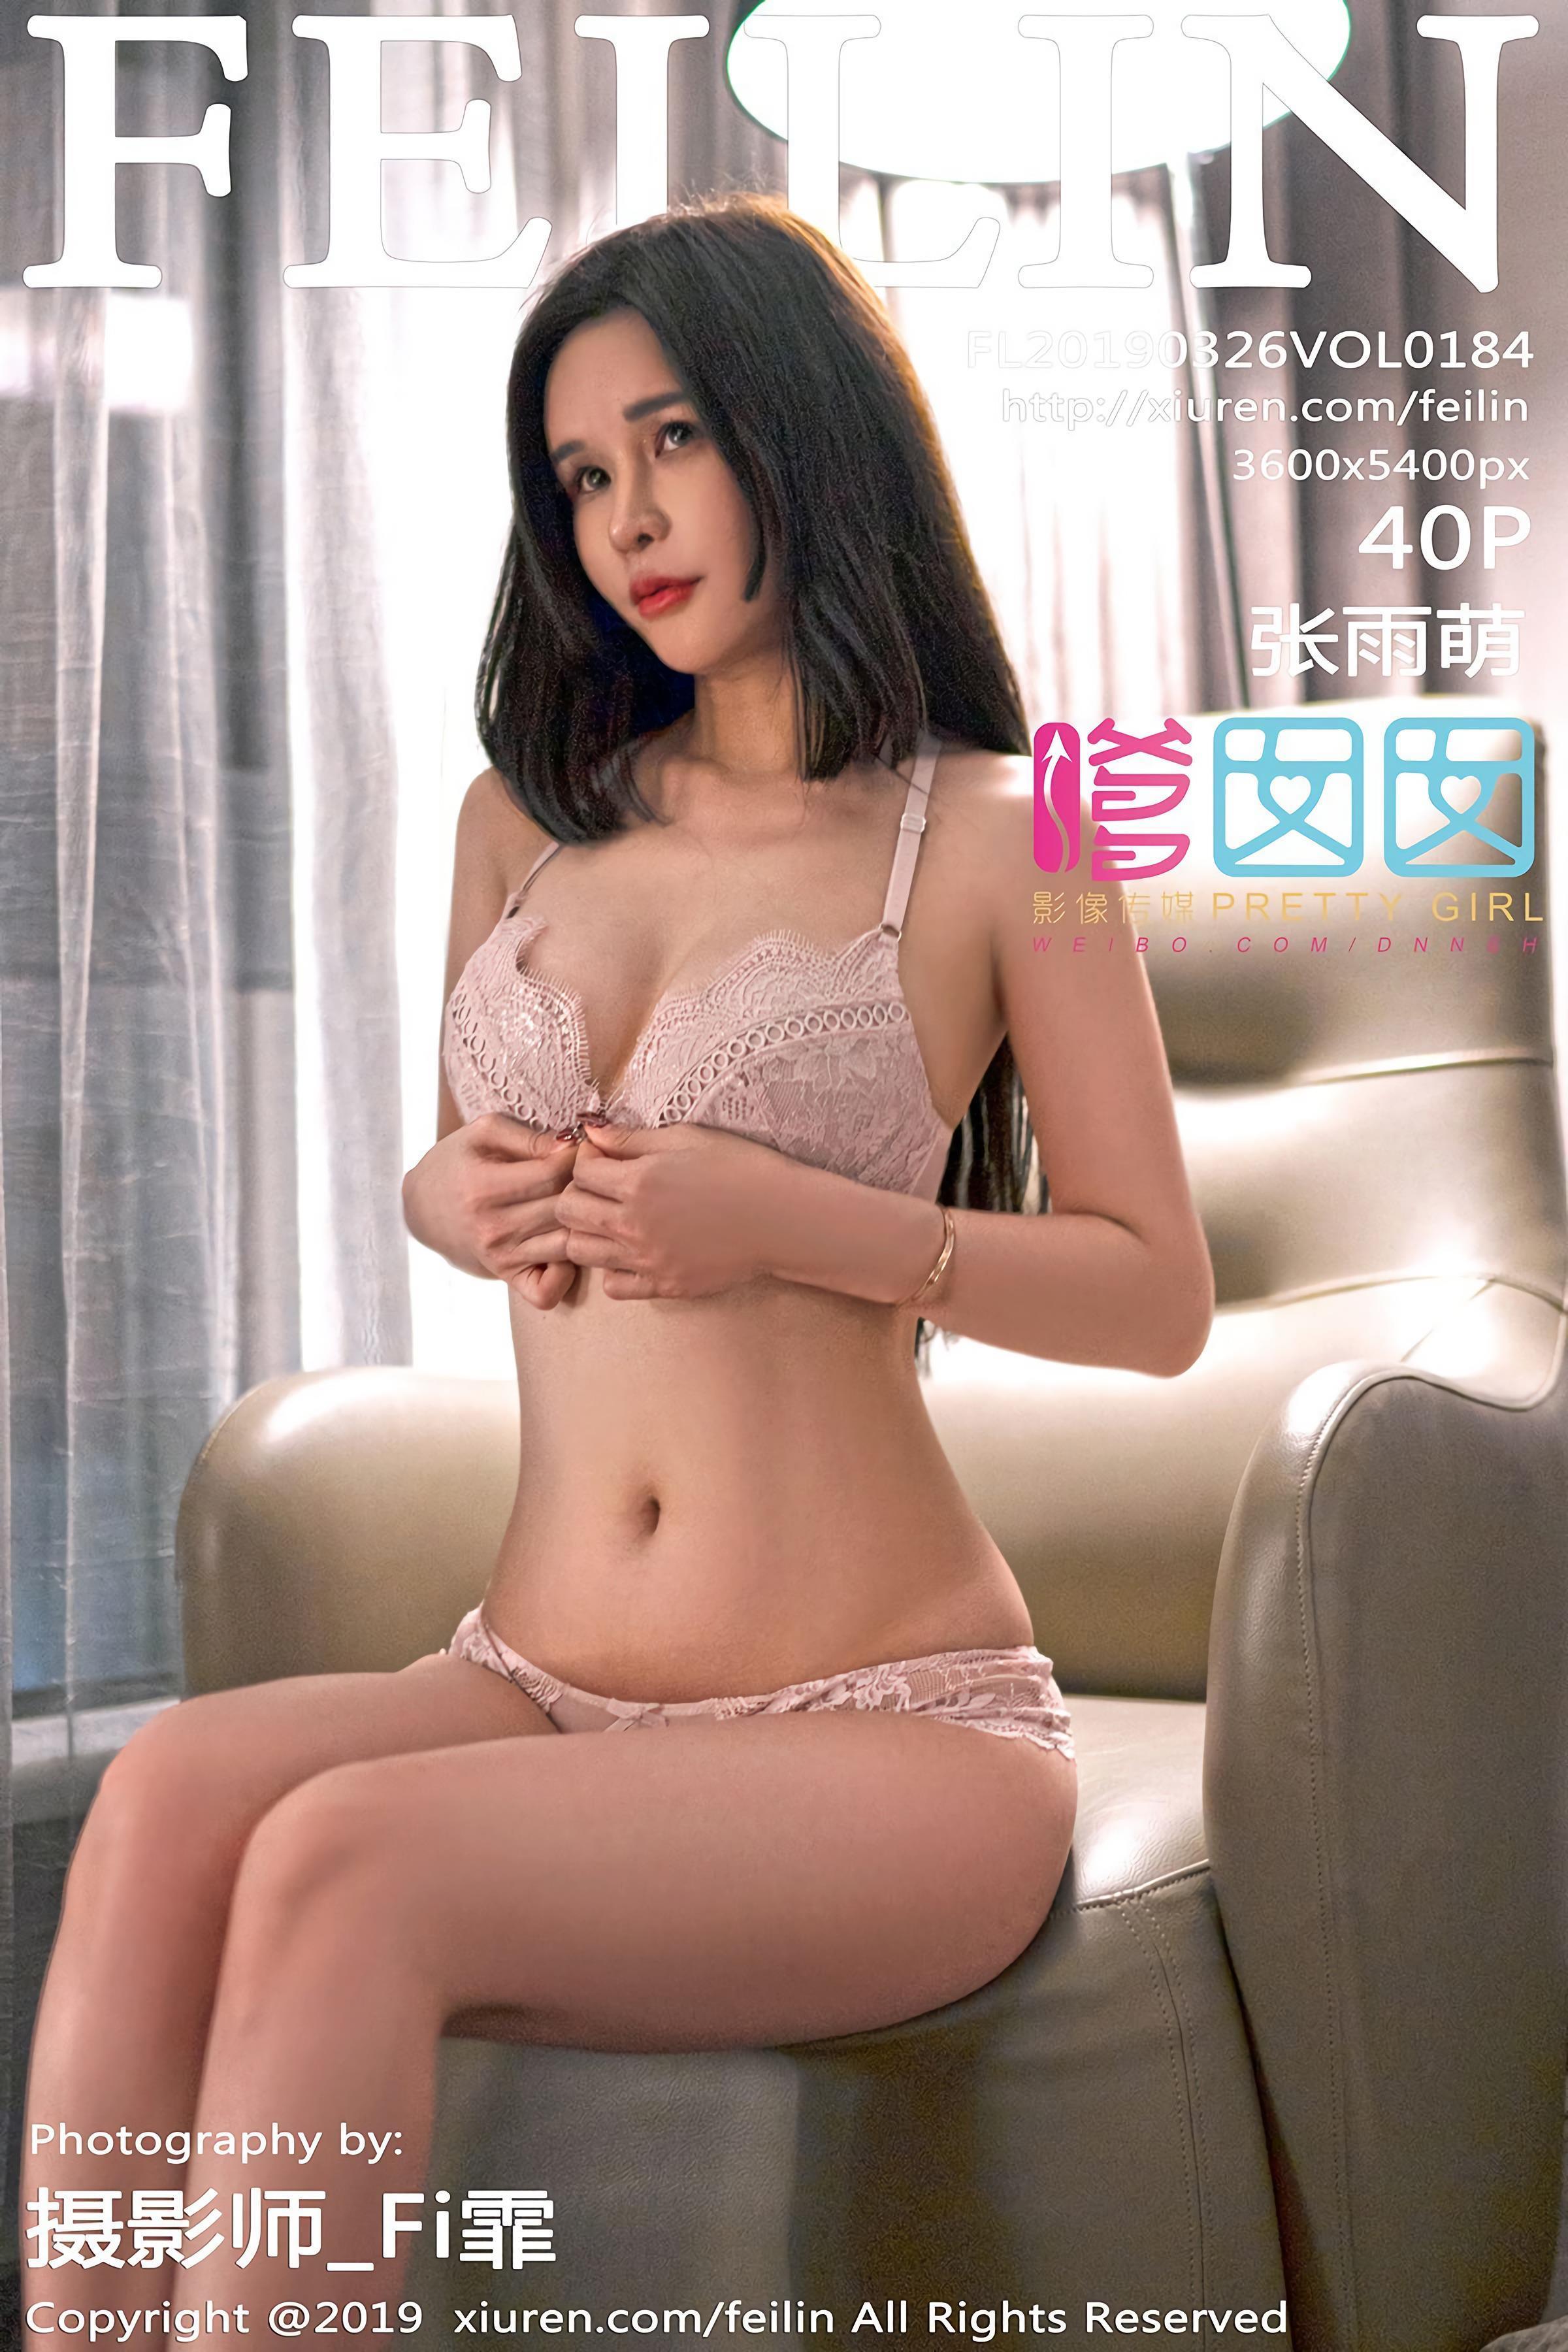 [FEILIN嗲囡囡]FL20190326VOL0184 张雨萌 粉色情趣内衣与半裸性感玉体私房写真集